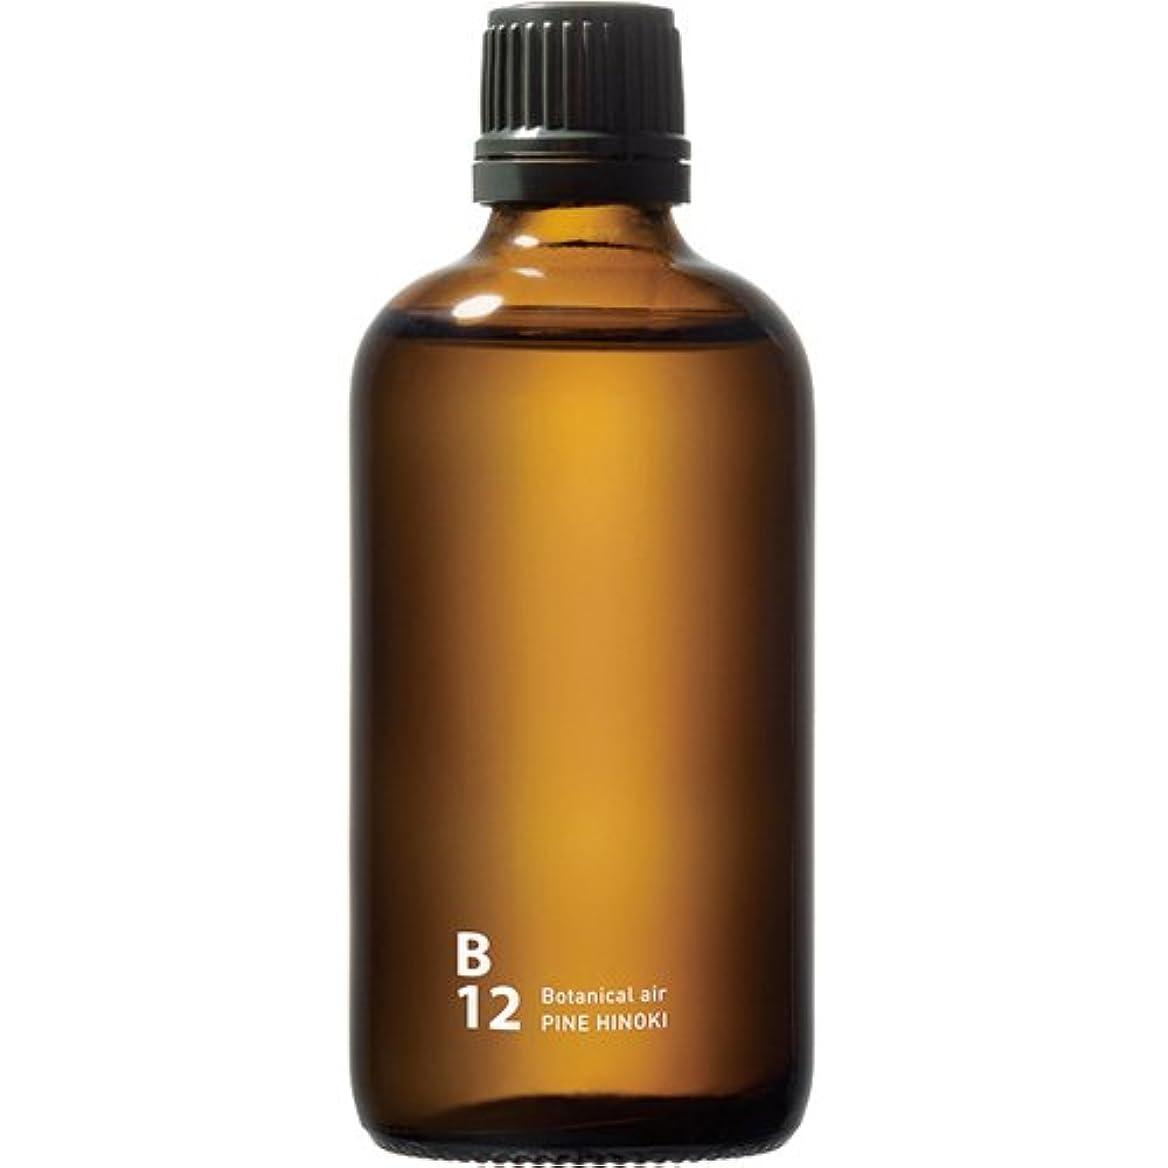 作り上げる持っている化石B12 PINE HINOKI piezo aroma oil 100ml